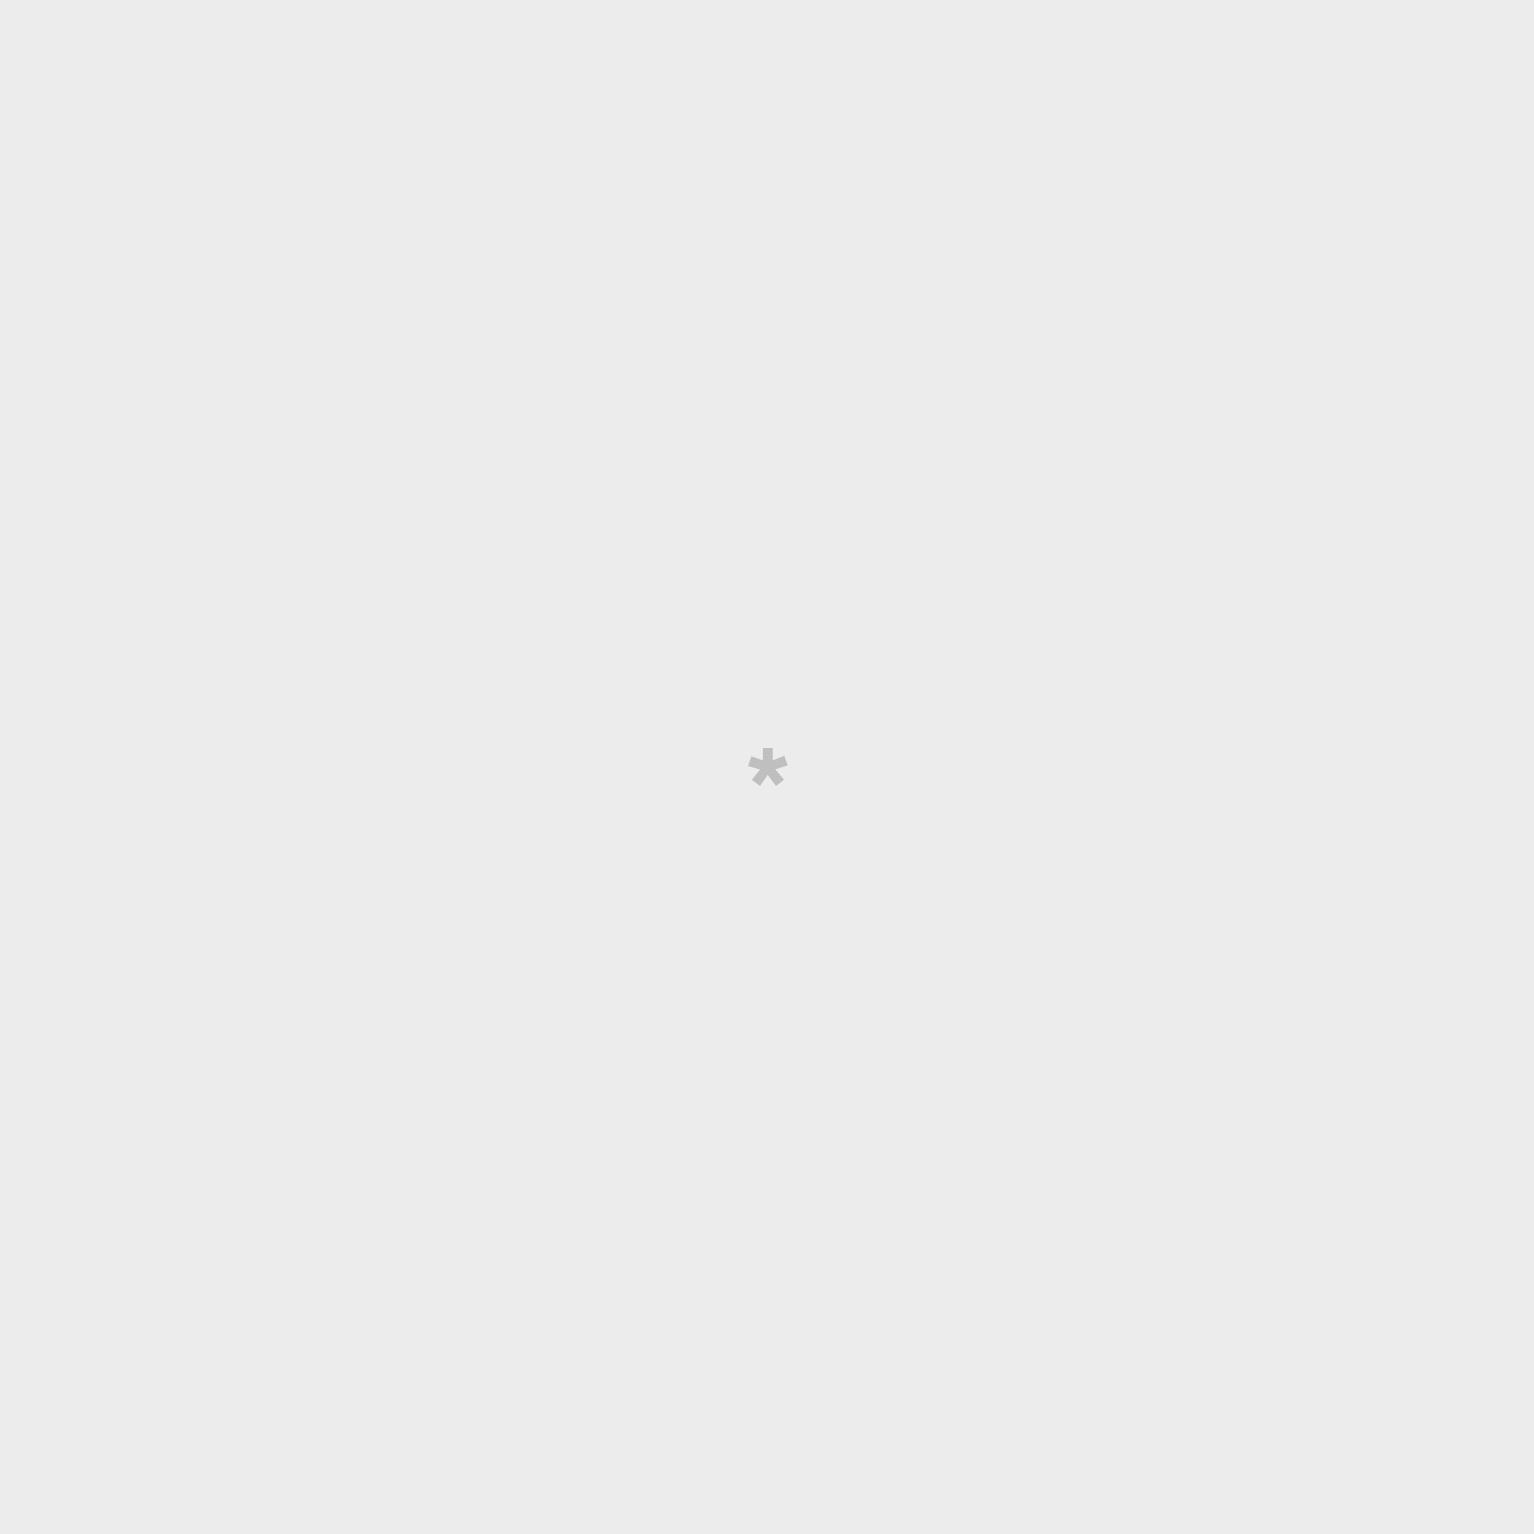 Caderno com squishy - Dream big